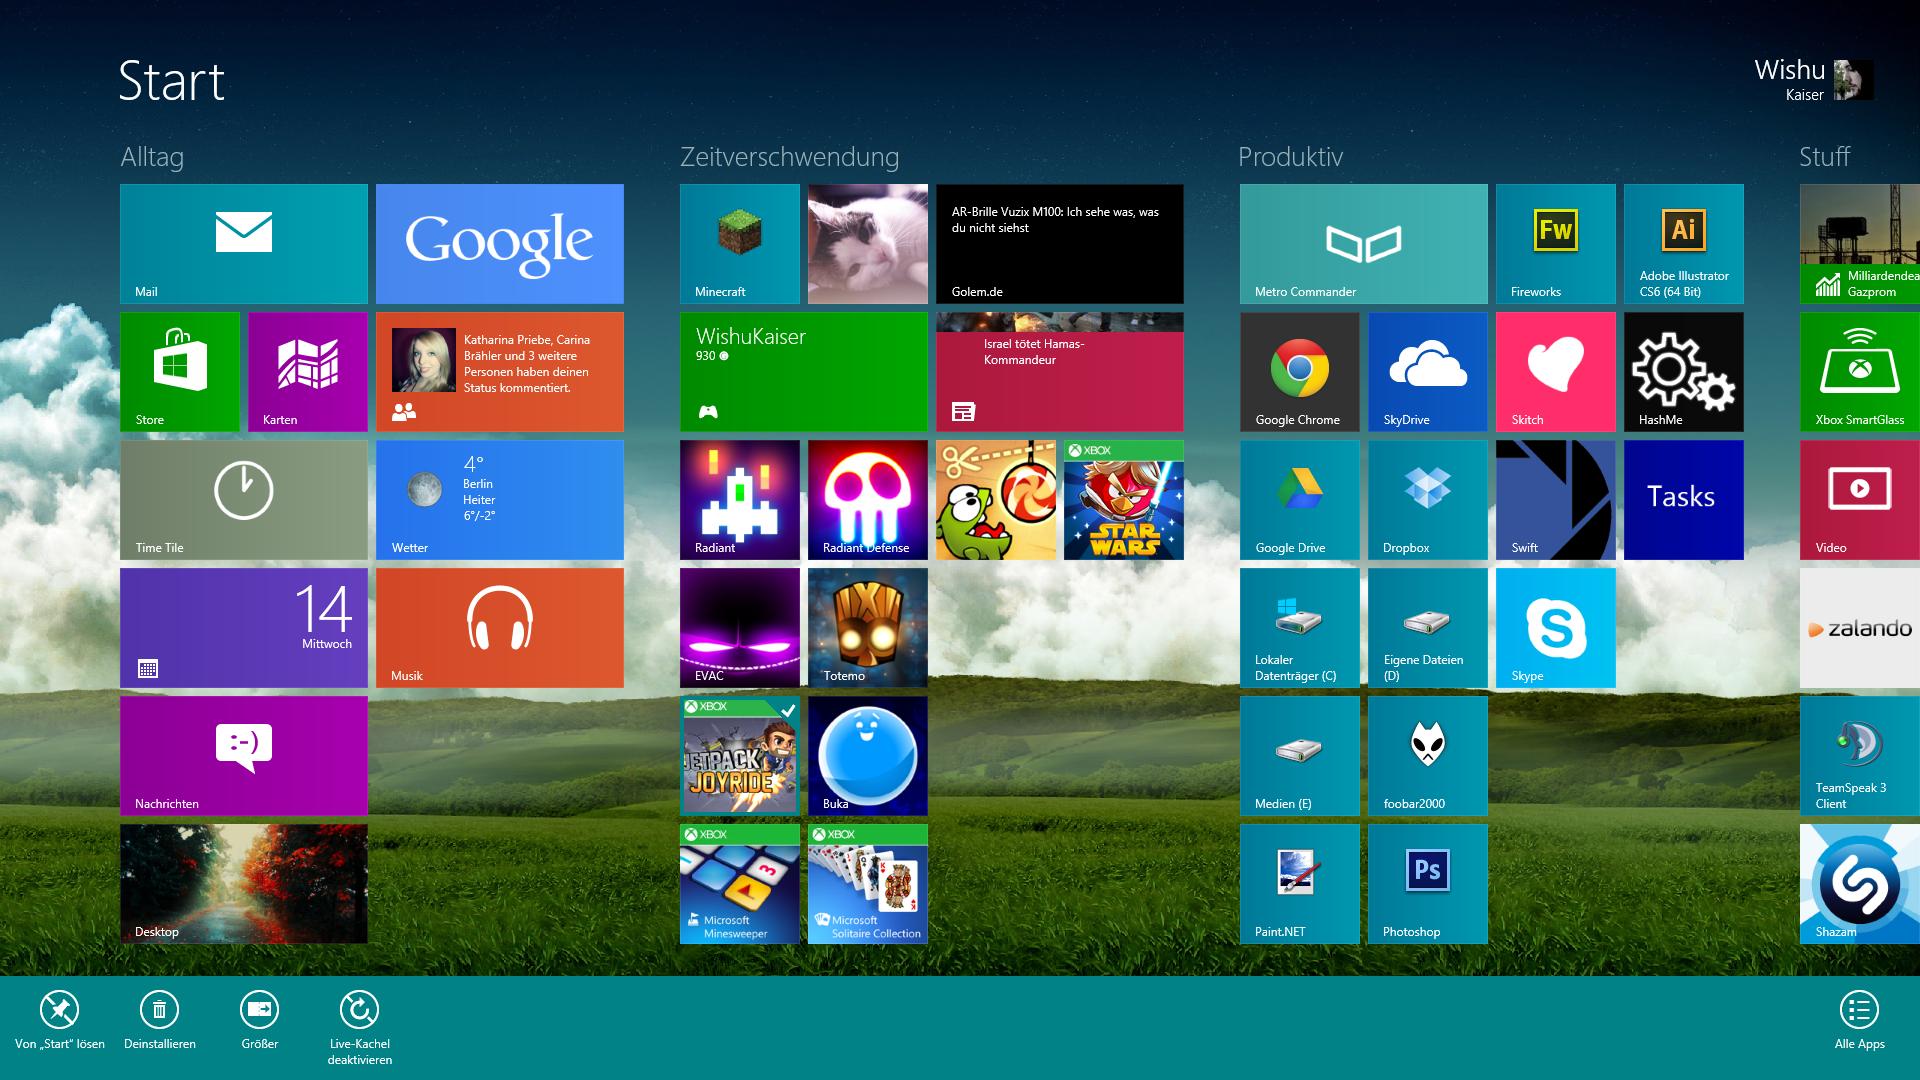 Windows 8 Start Hintergrund ändern